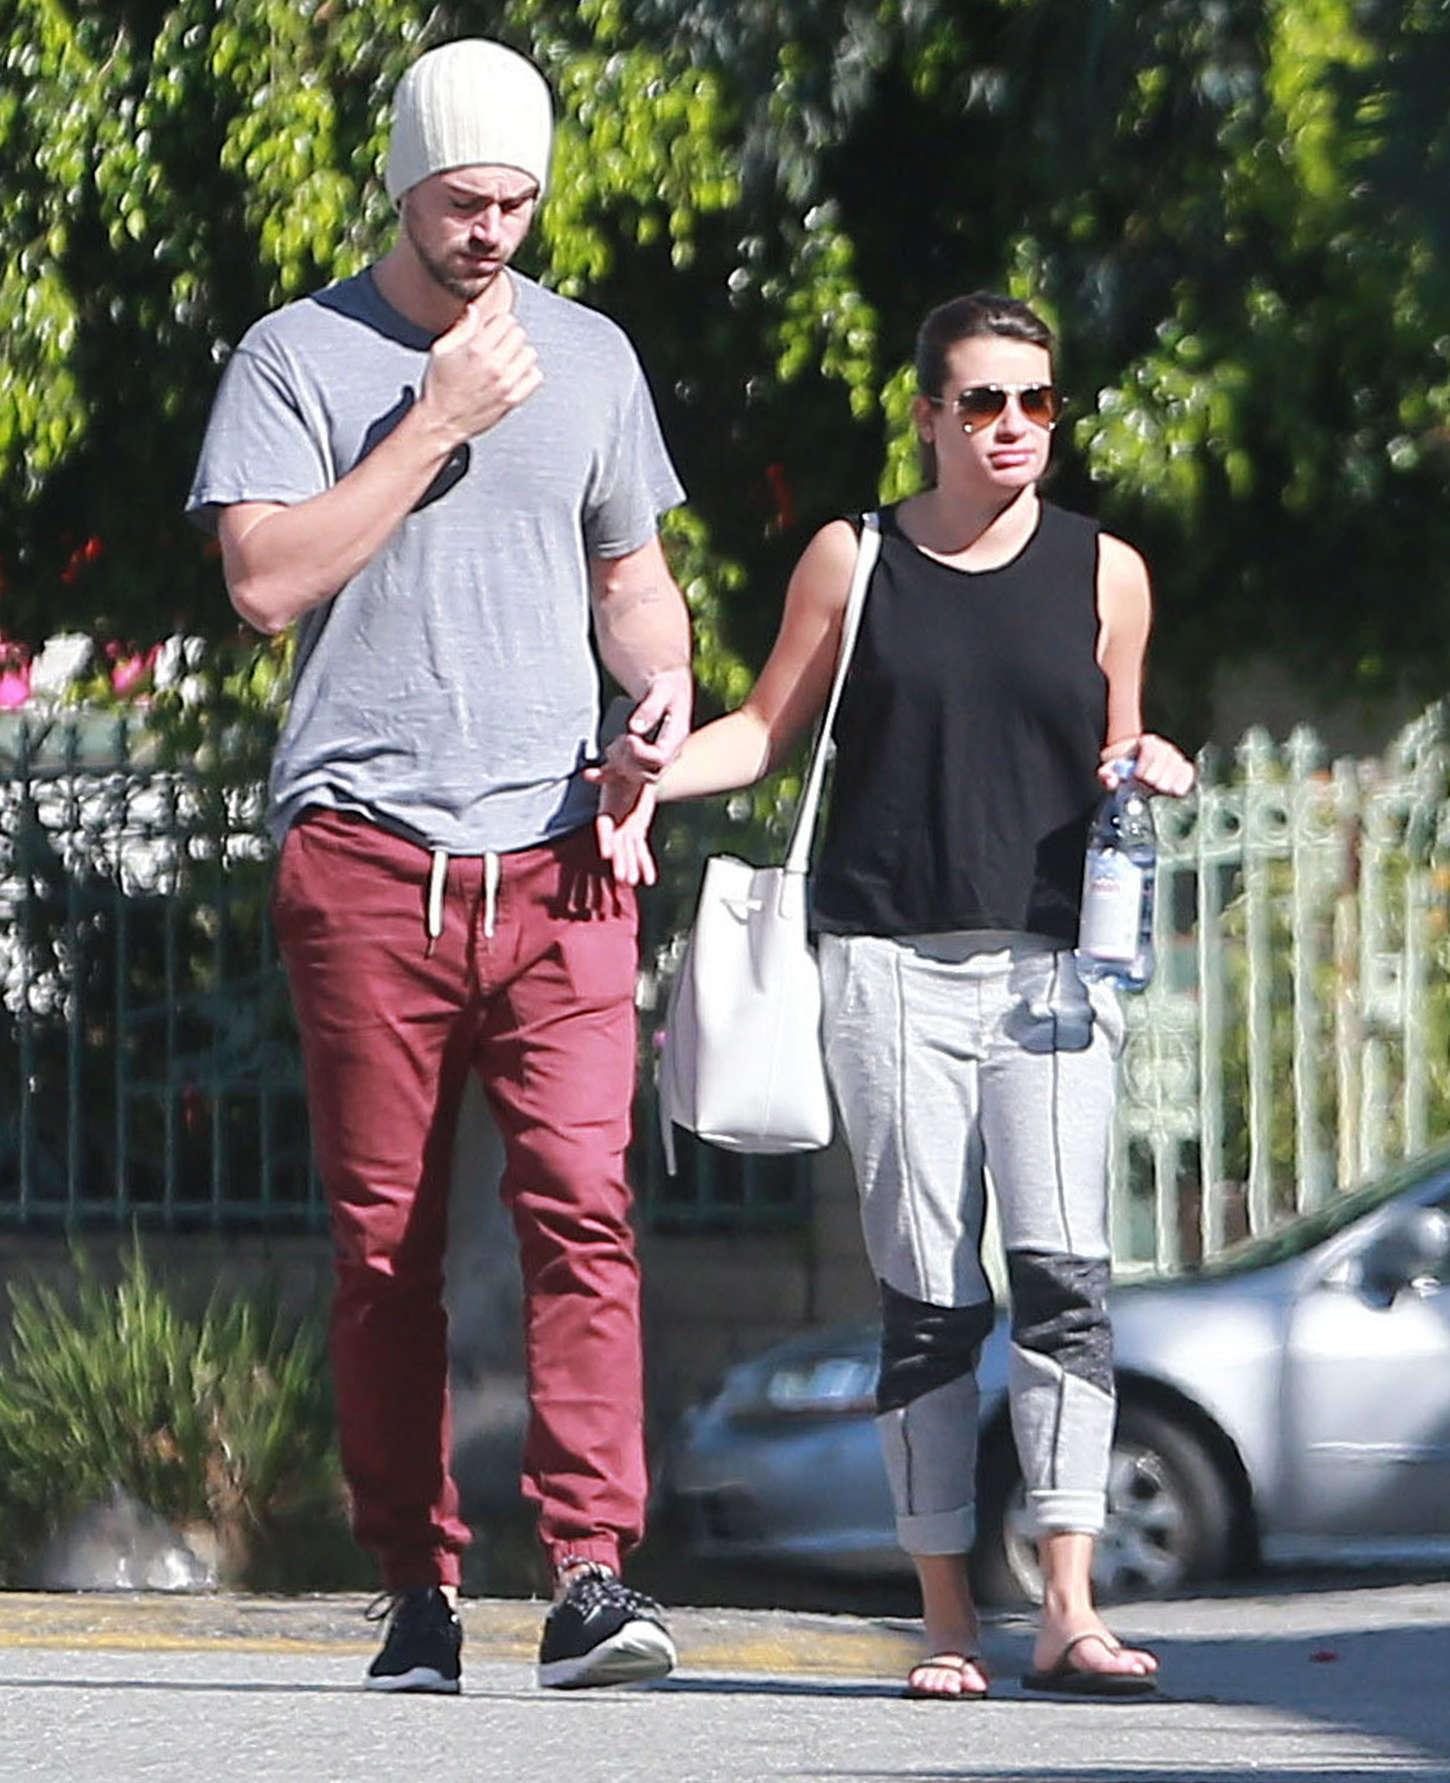 Lea Michele 2015 : Lea Michele and Matthew Paetz Out in LA -26